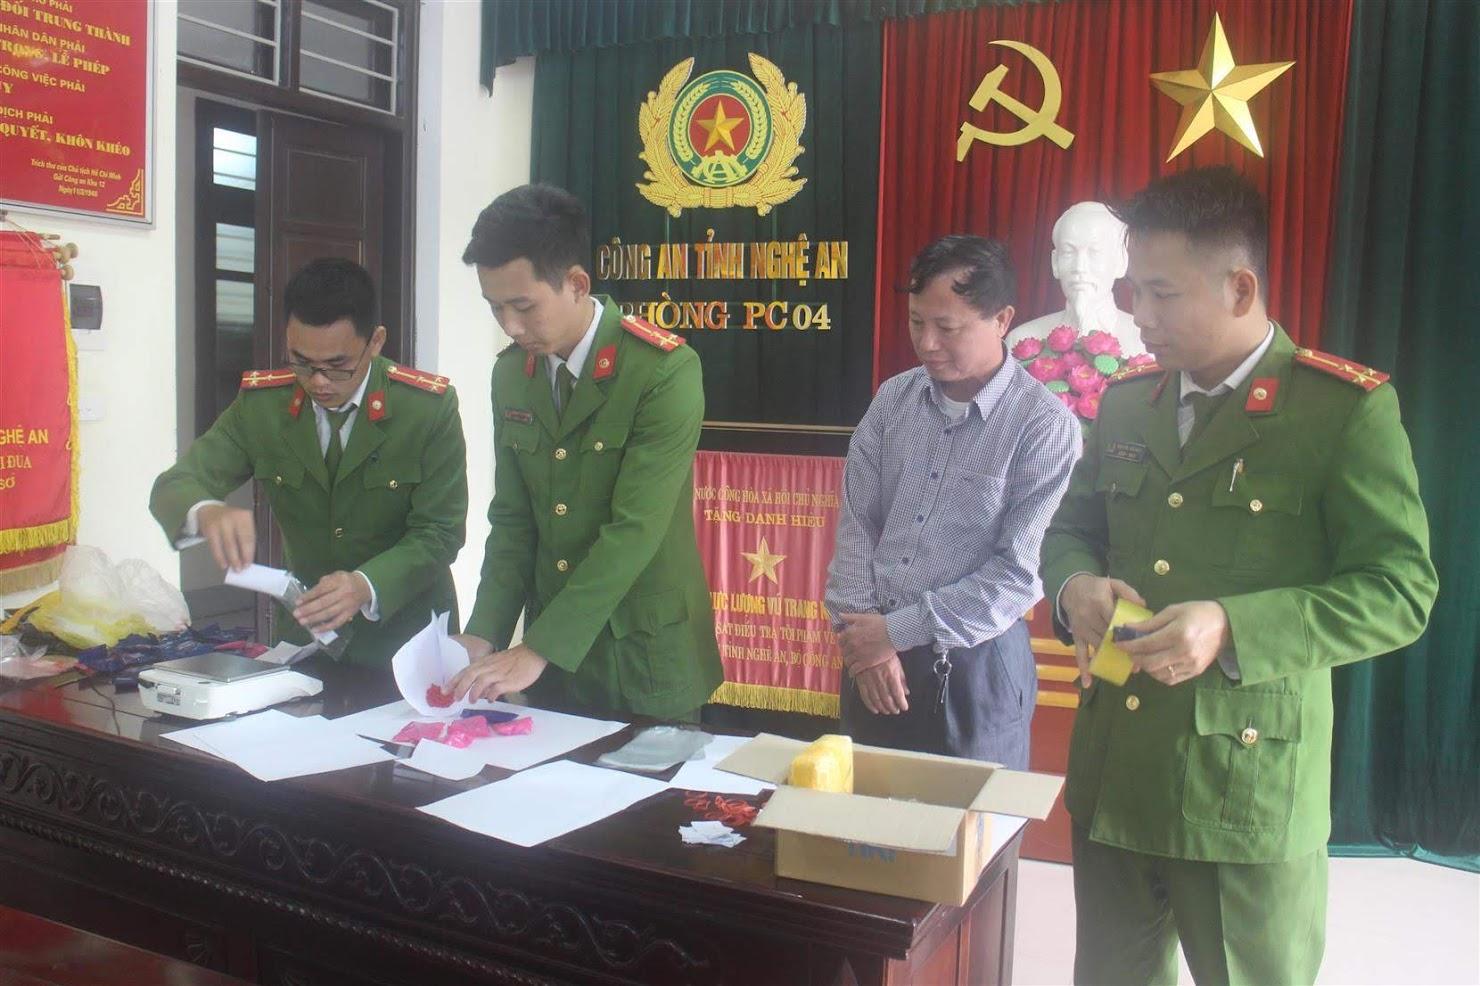 Phòng Cảnh sát ĐTTP về Ma túy mở niêm phong vật chứng vụ án